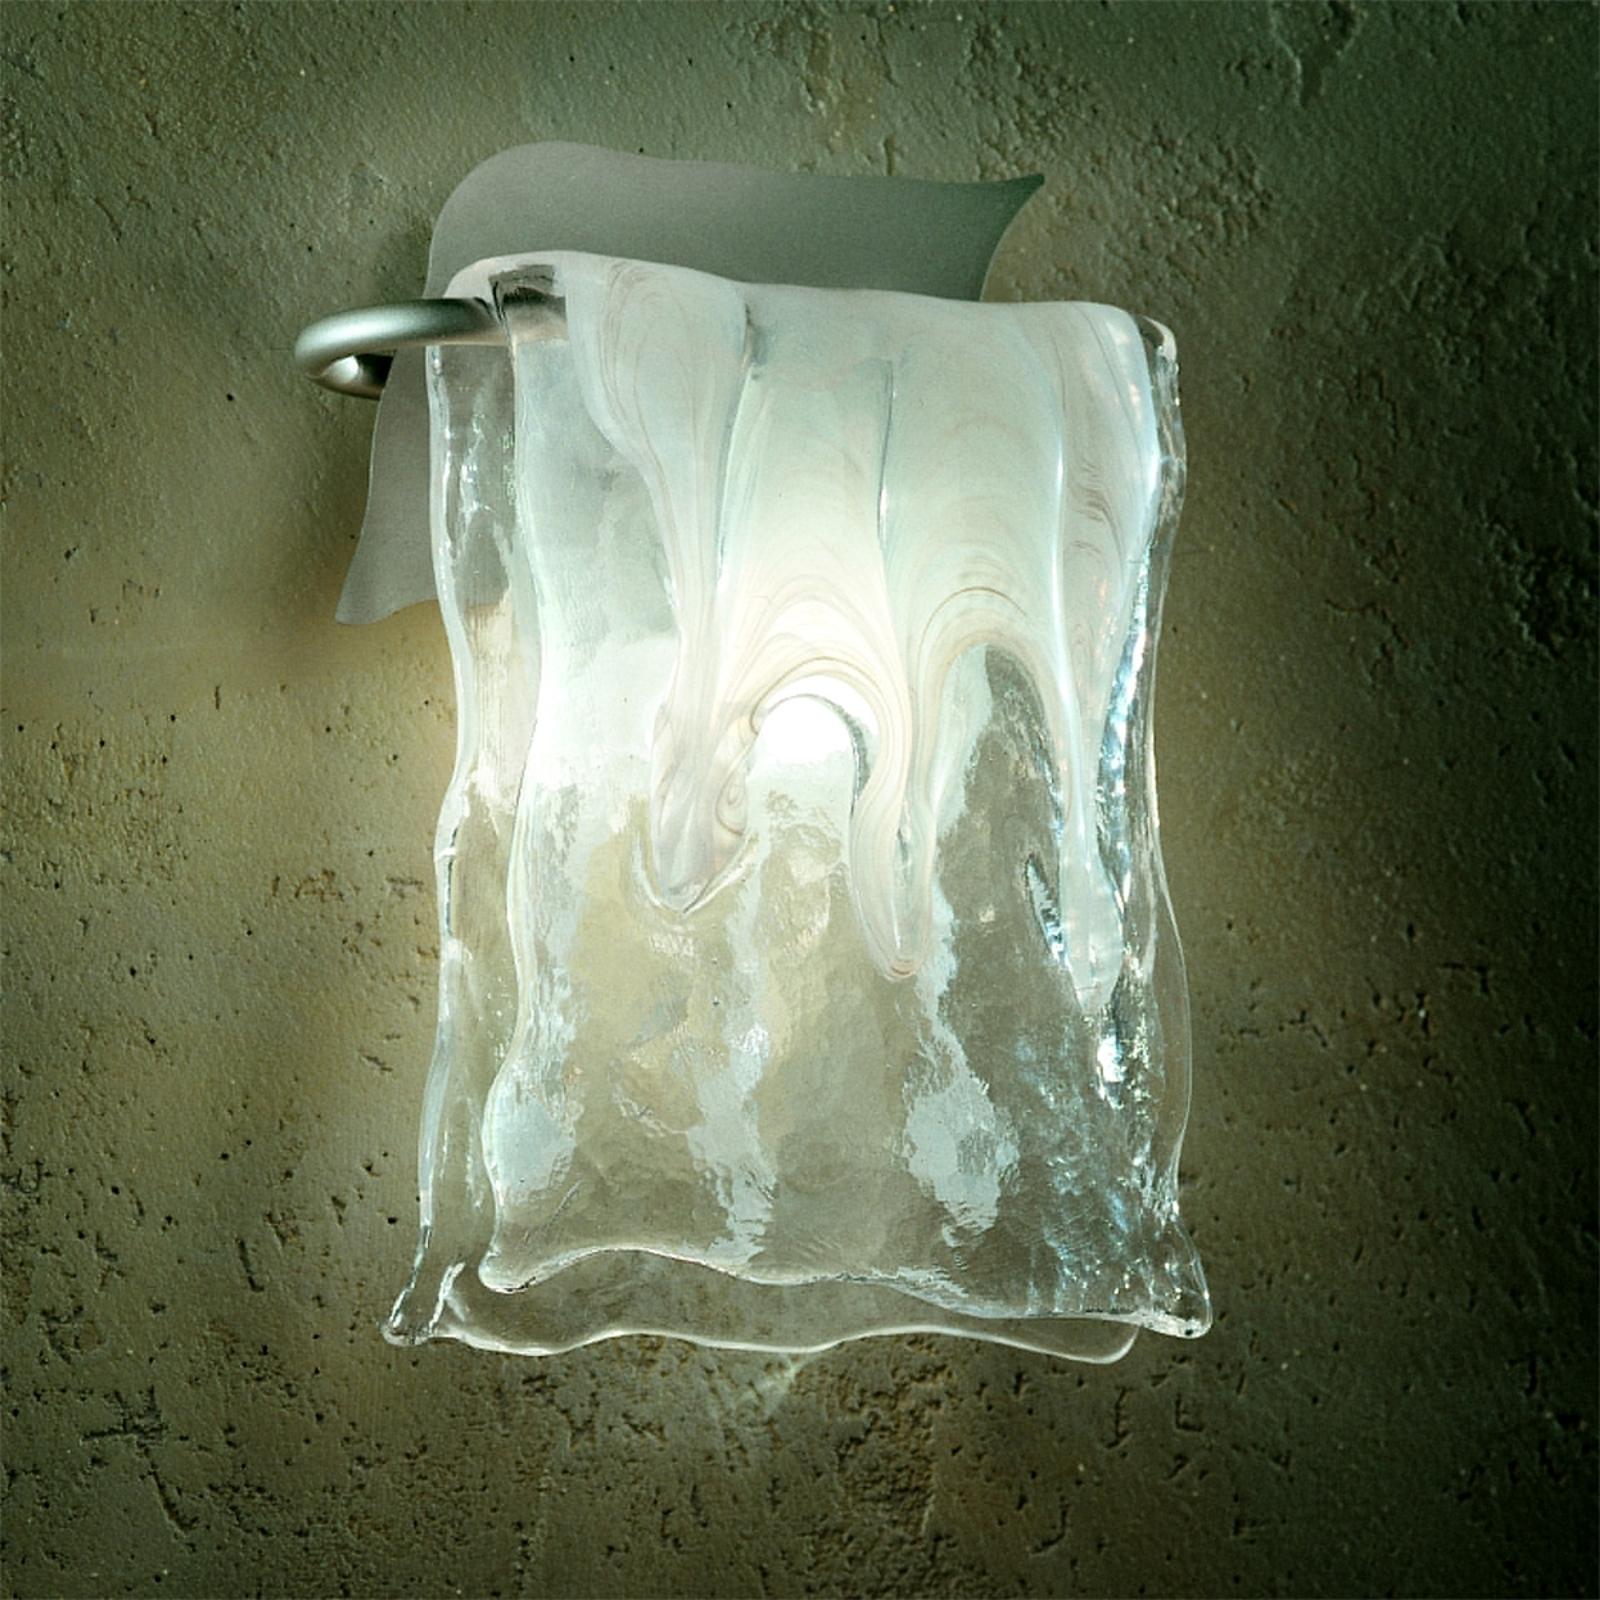 Alumiini/lasi-seinävalaisin MURANO, 2 kokoa